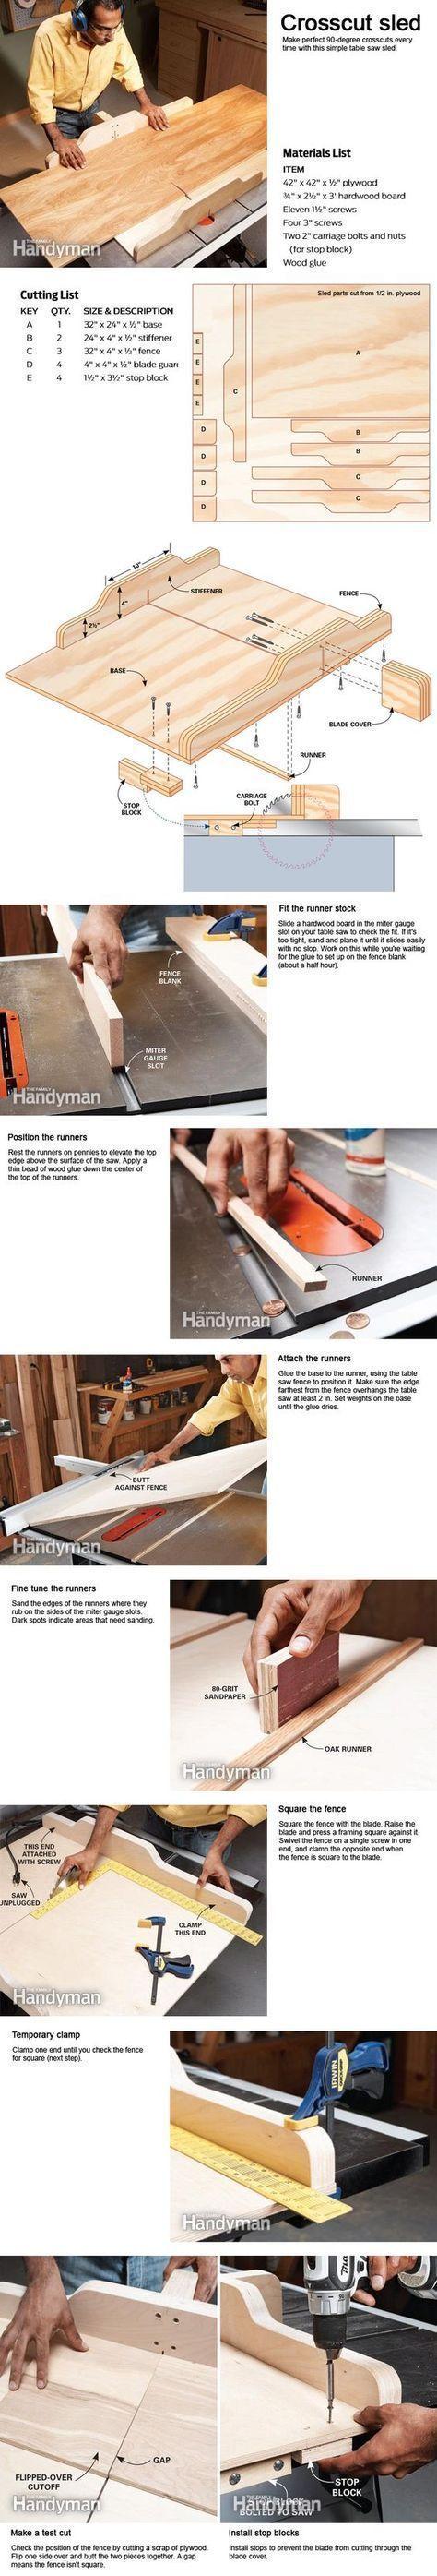 ❧ Coupes transversales avec une table de scie Sled: #woodworkingtools